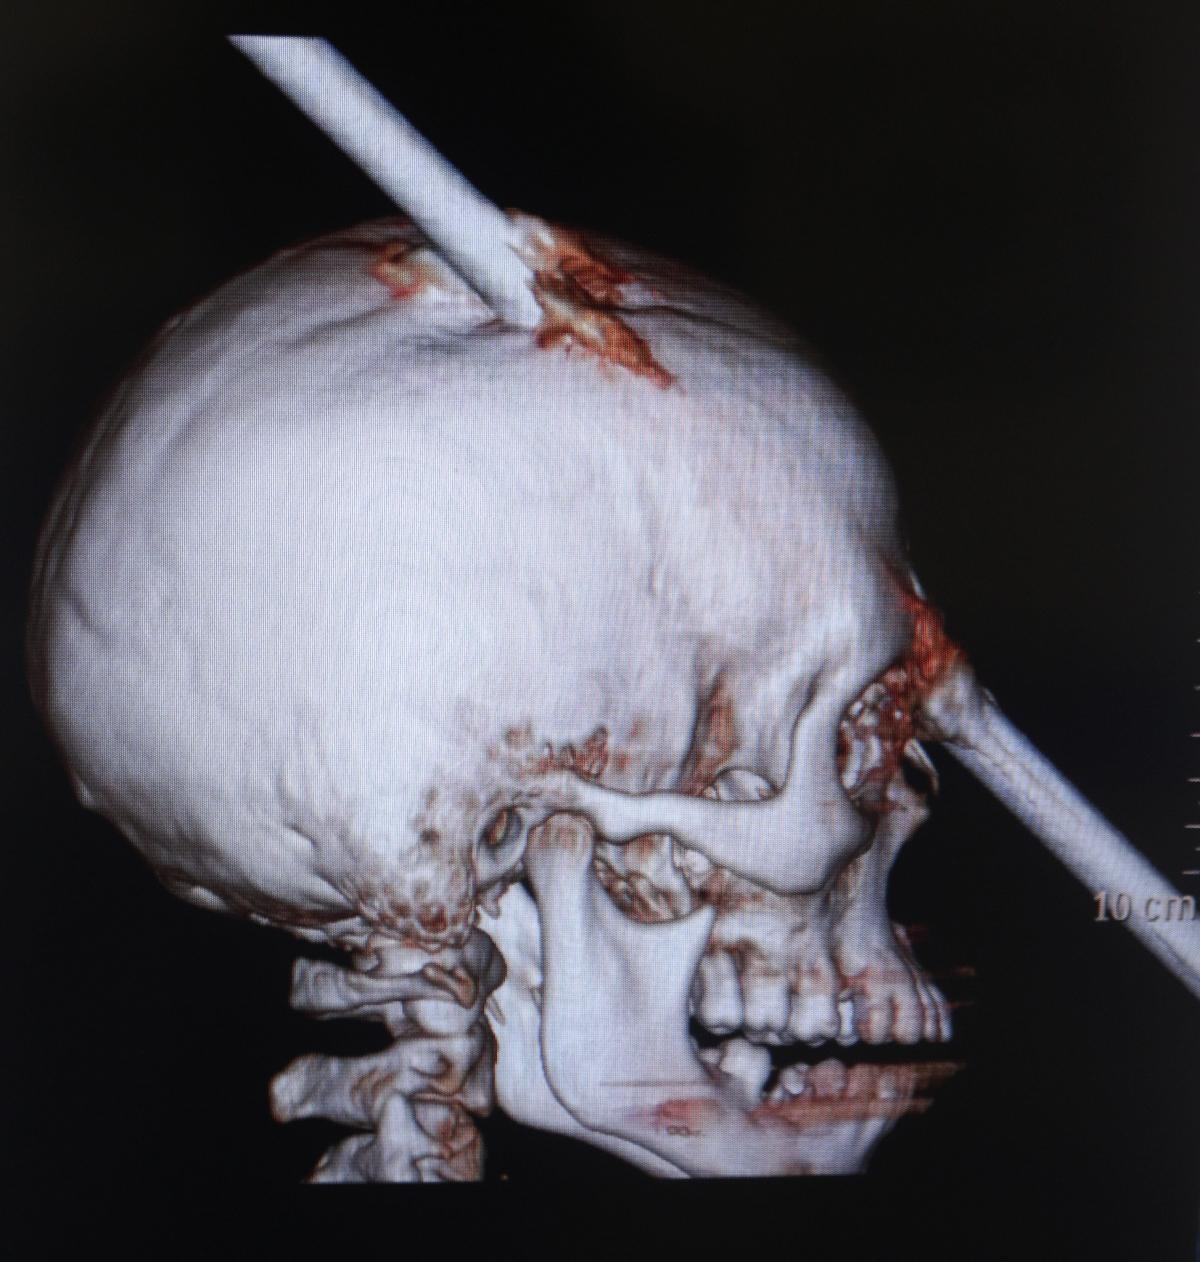 rod through skull